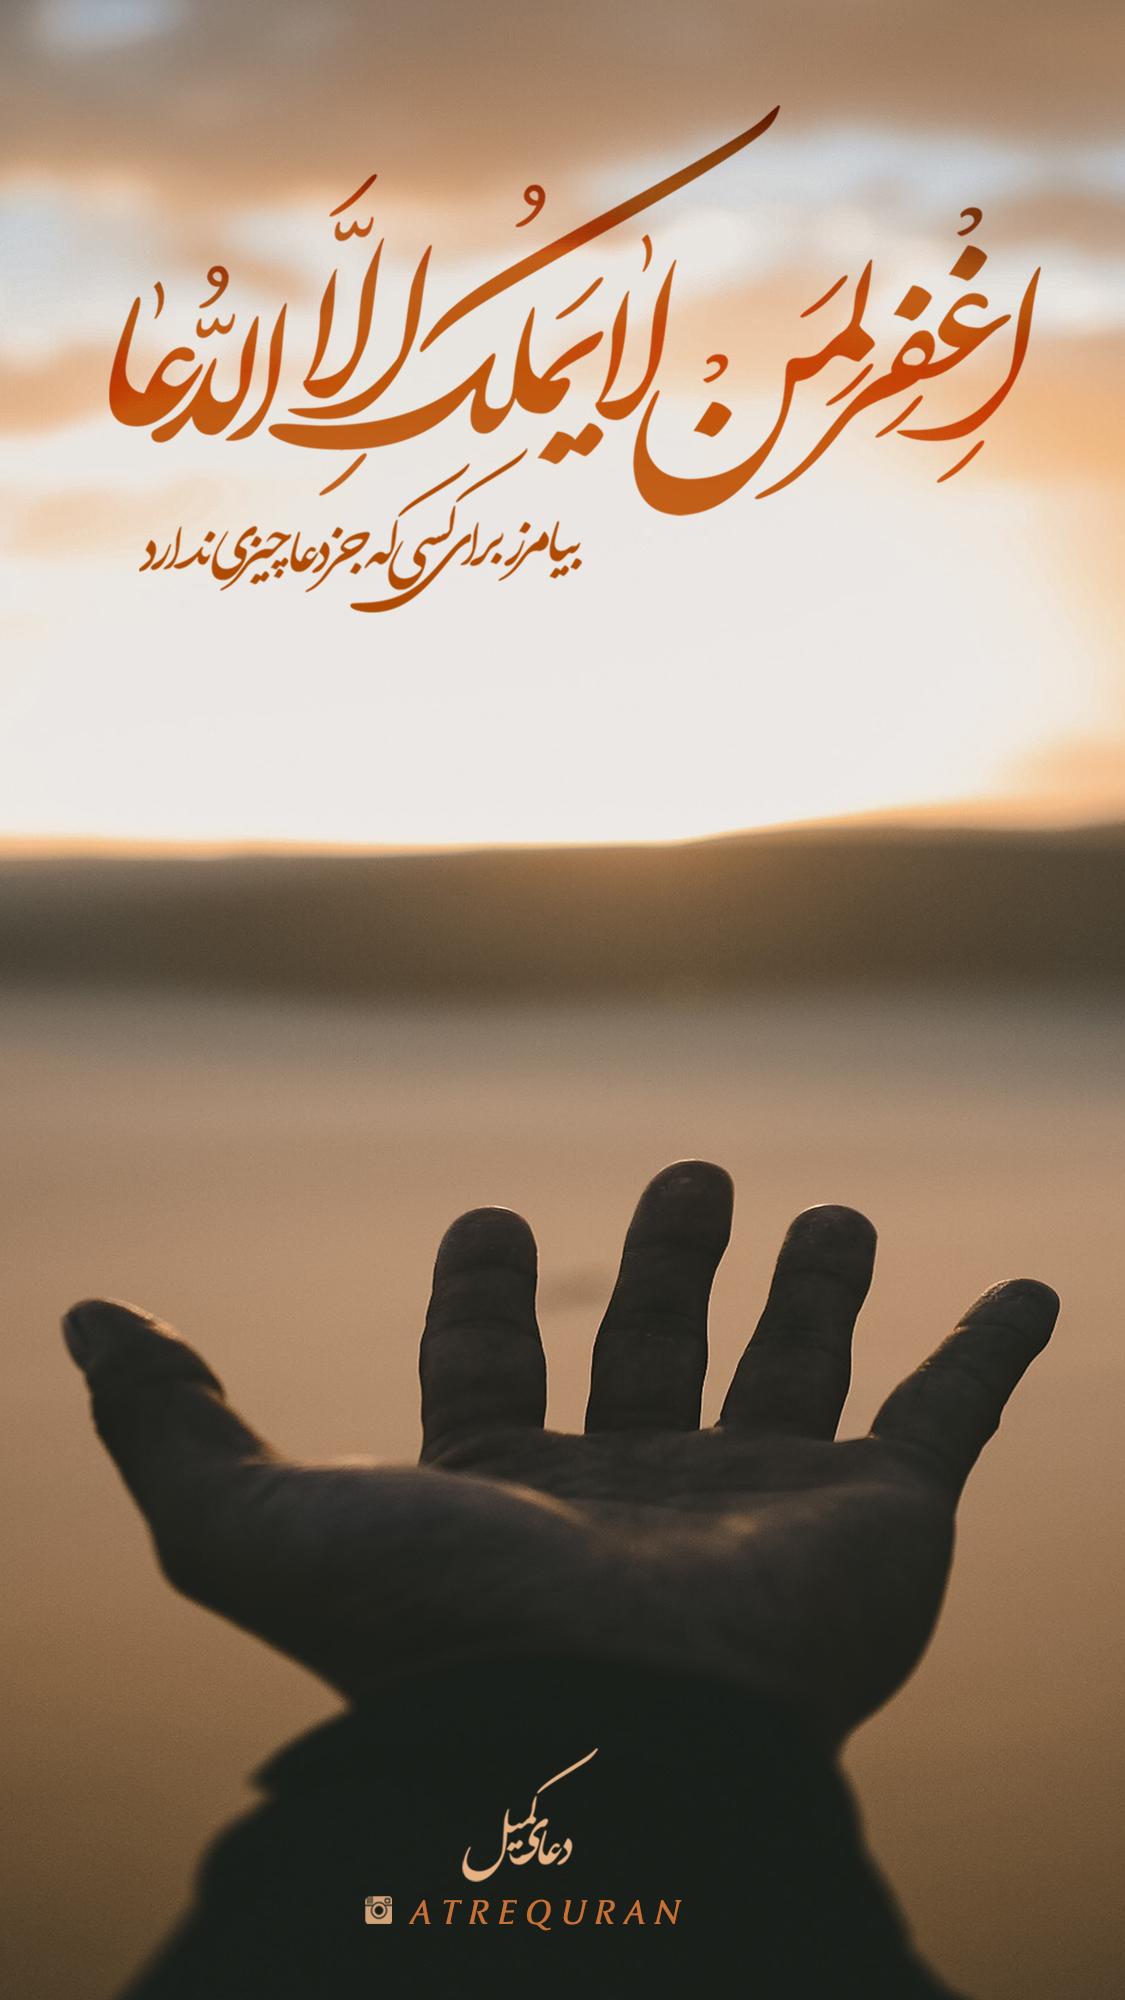 اغفر لمن لا یملک الا الدّعا